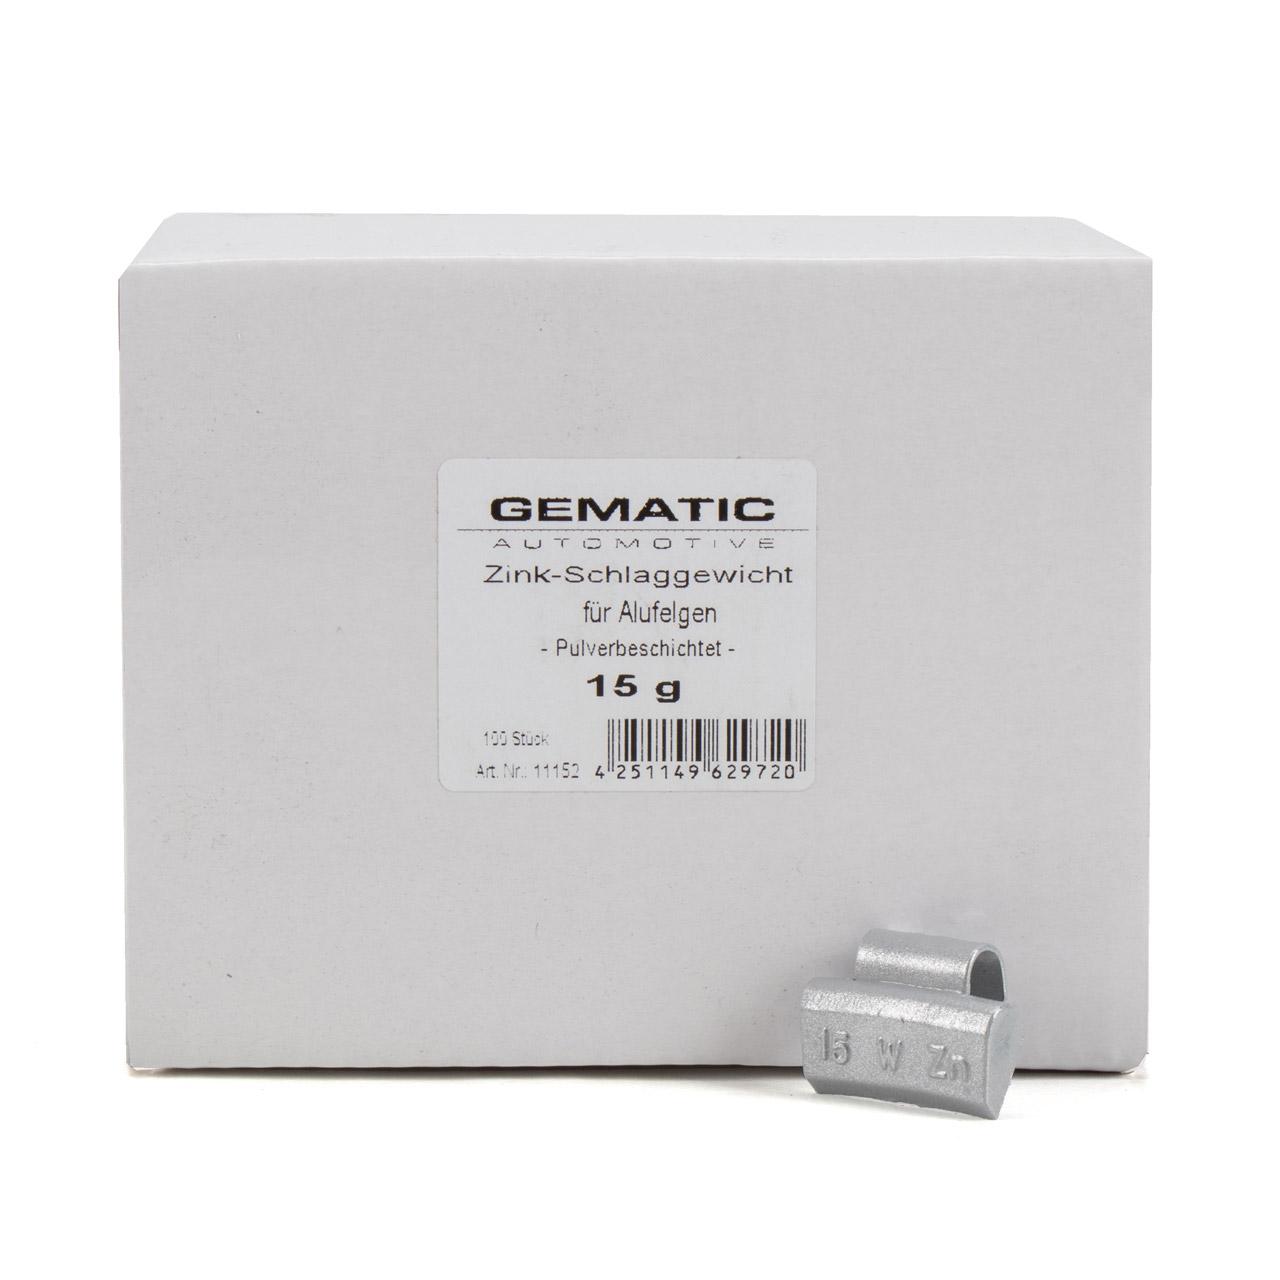 GEMATIC Auswuchtgewicht Schlaggewicht für Alufelge GRAU-ZINK 100 Stück x 15g